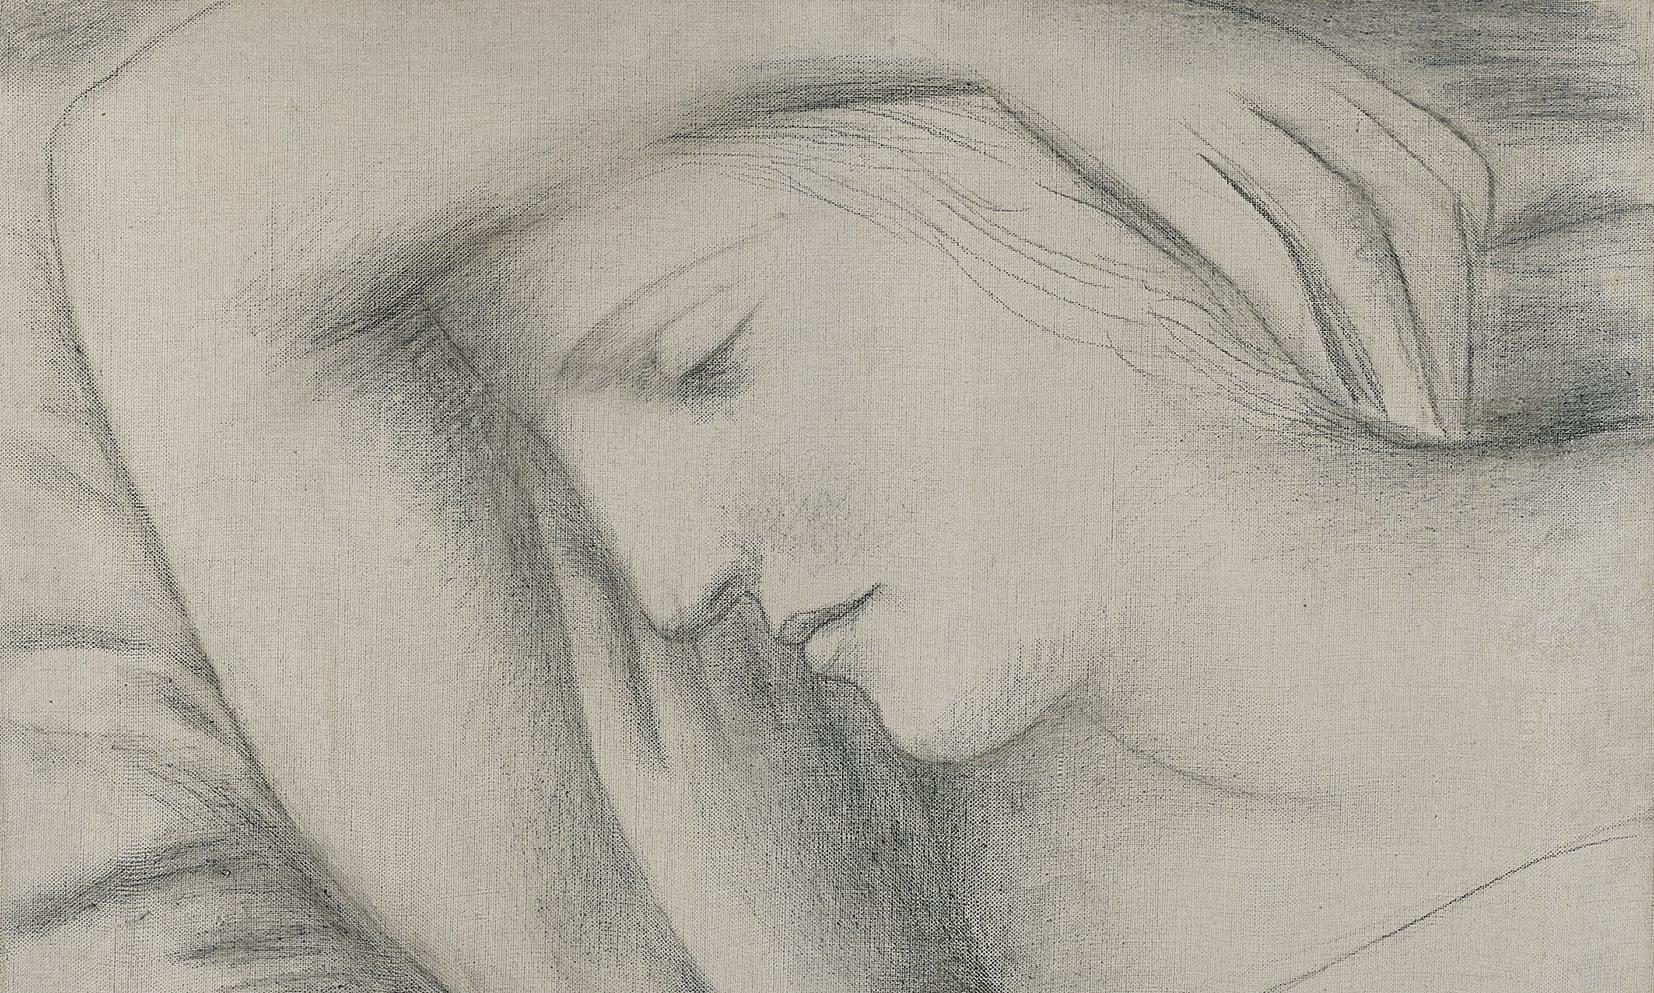 Árverésen lesz látható először Picasso rajza, amit szerelméről készített